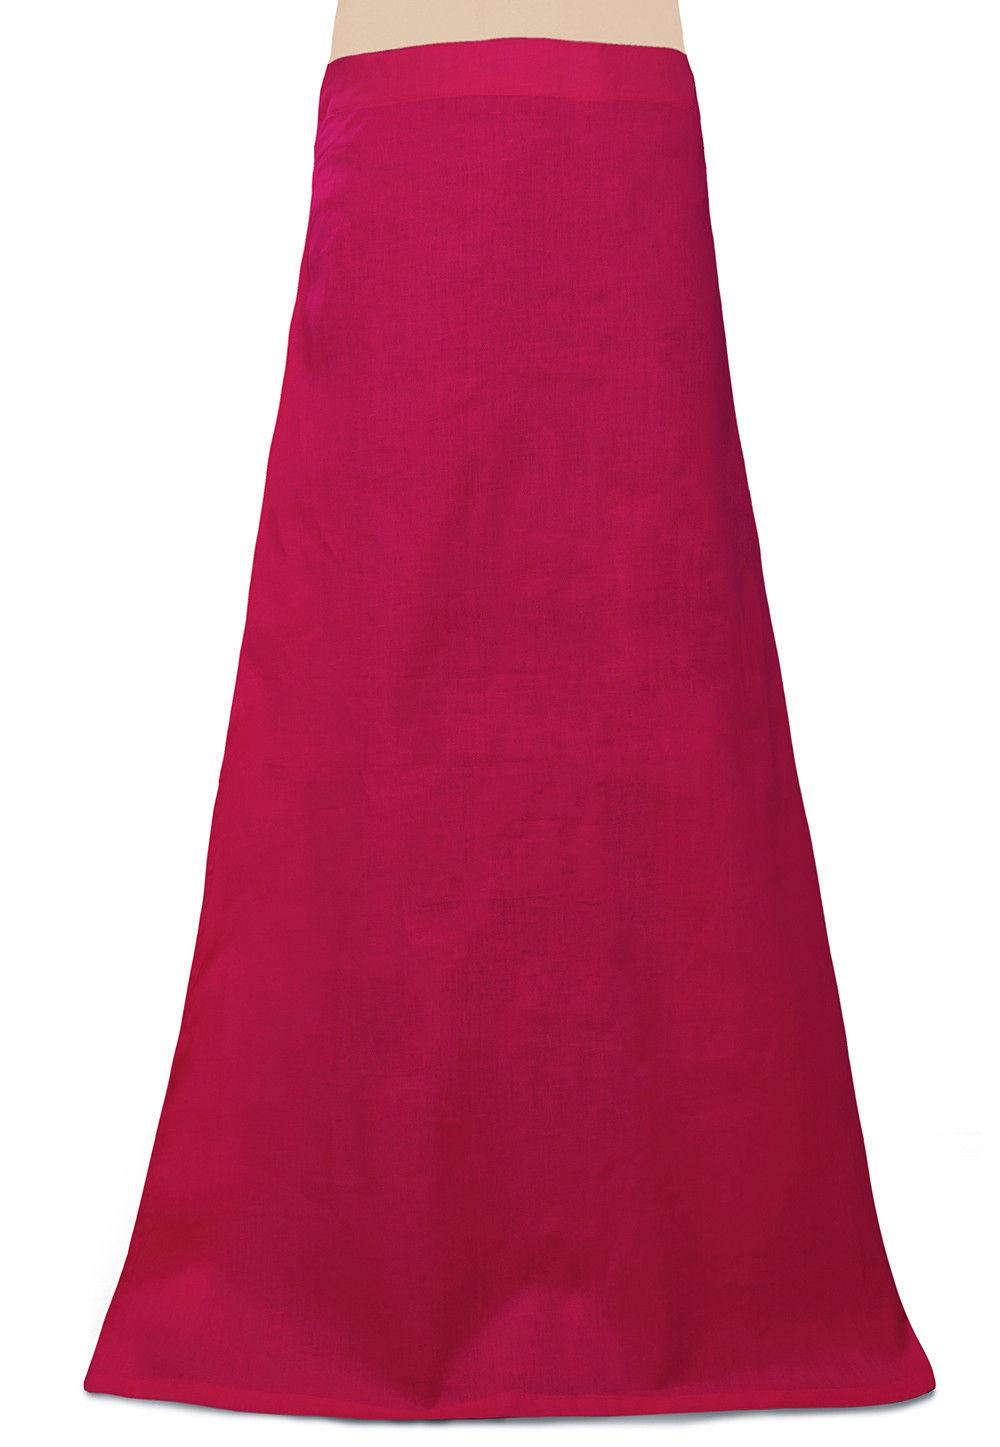 Cotton Petticoat in Fuchsia